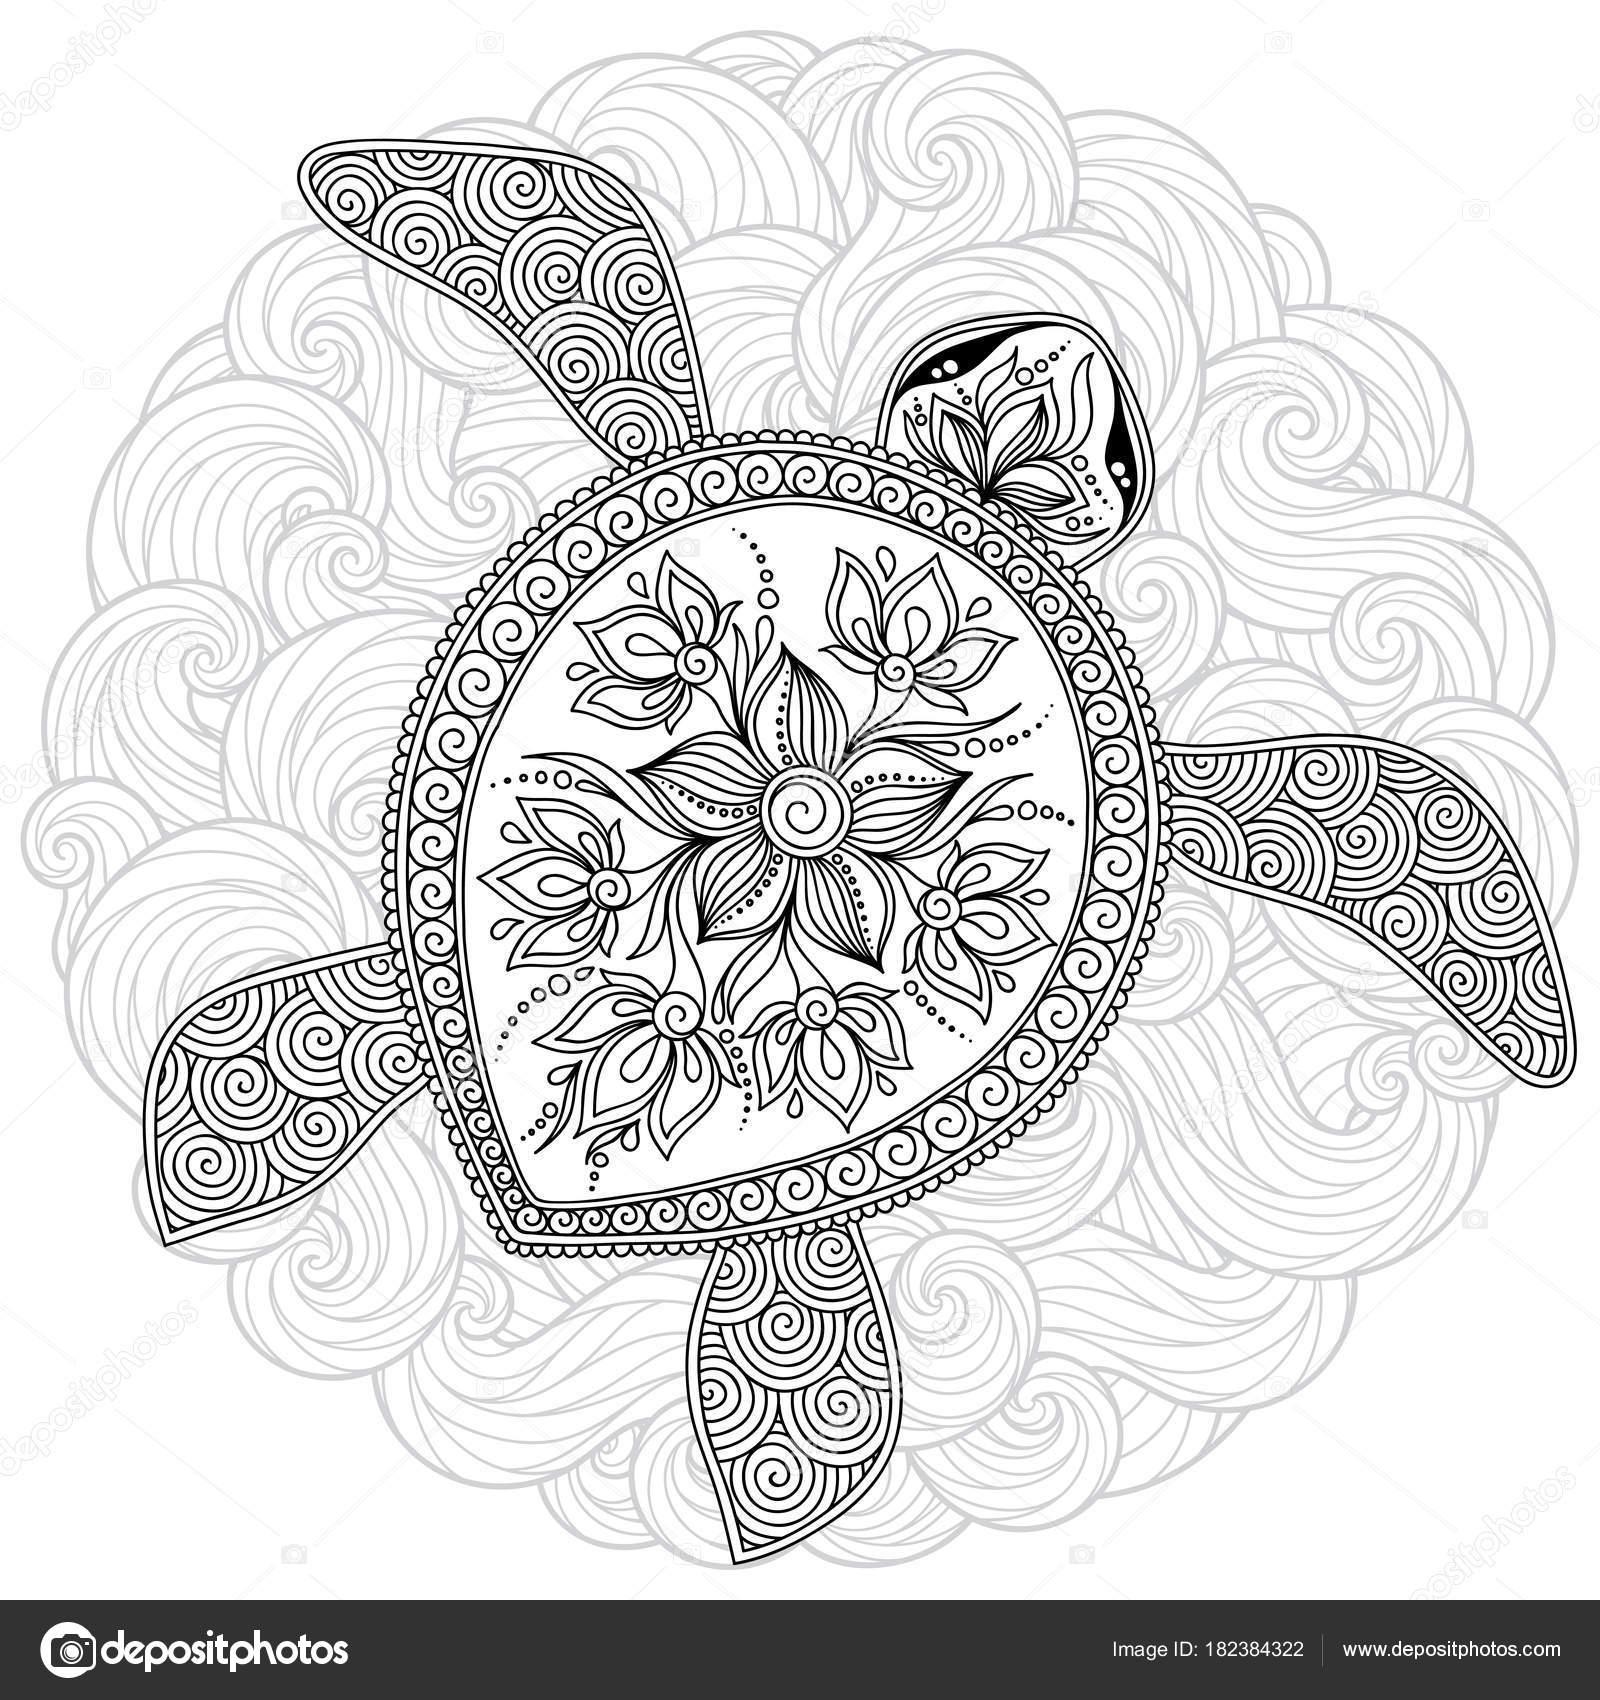 Vektor-Illustration der Meeresschildkröte für Buch Malvorlagen ...